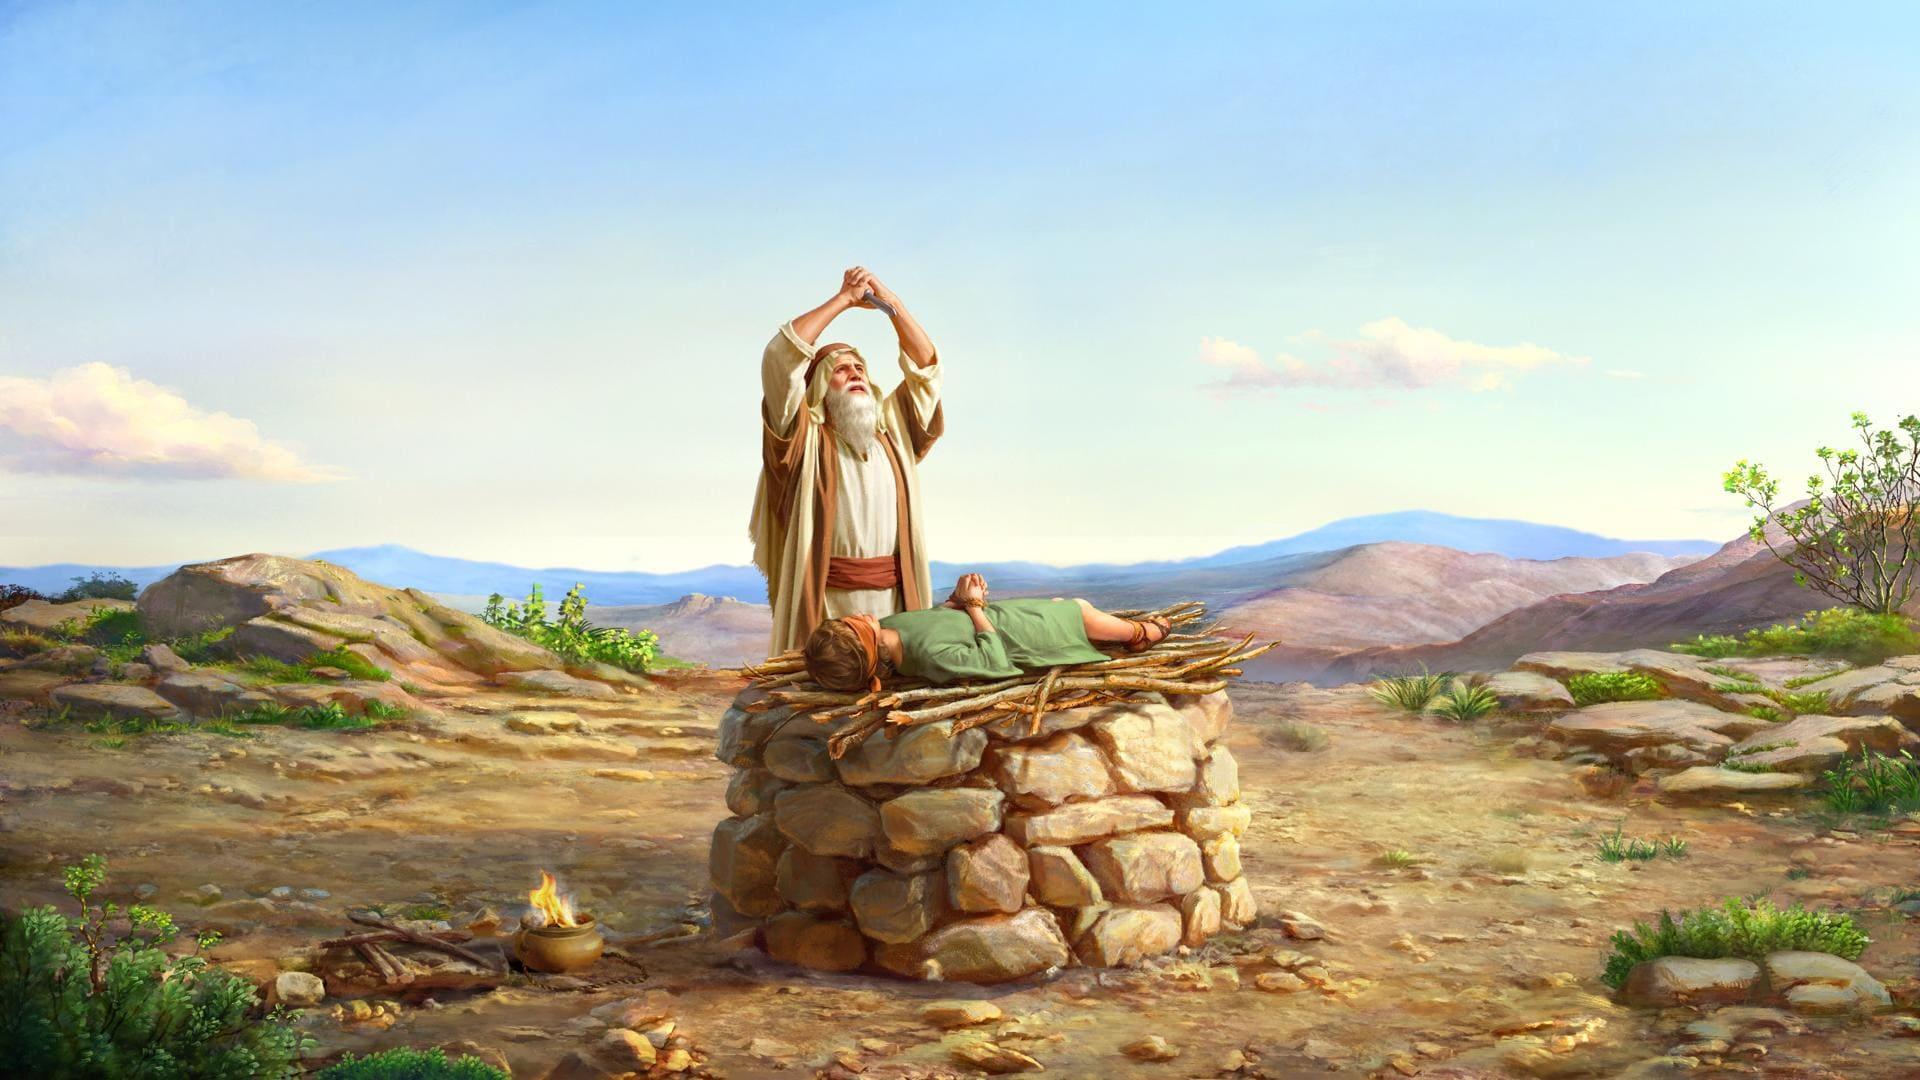 معجزة سيدنا ابراهيم | الله يأمر إبراهيم بتقديم إسحاق